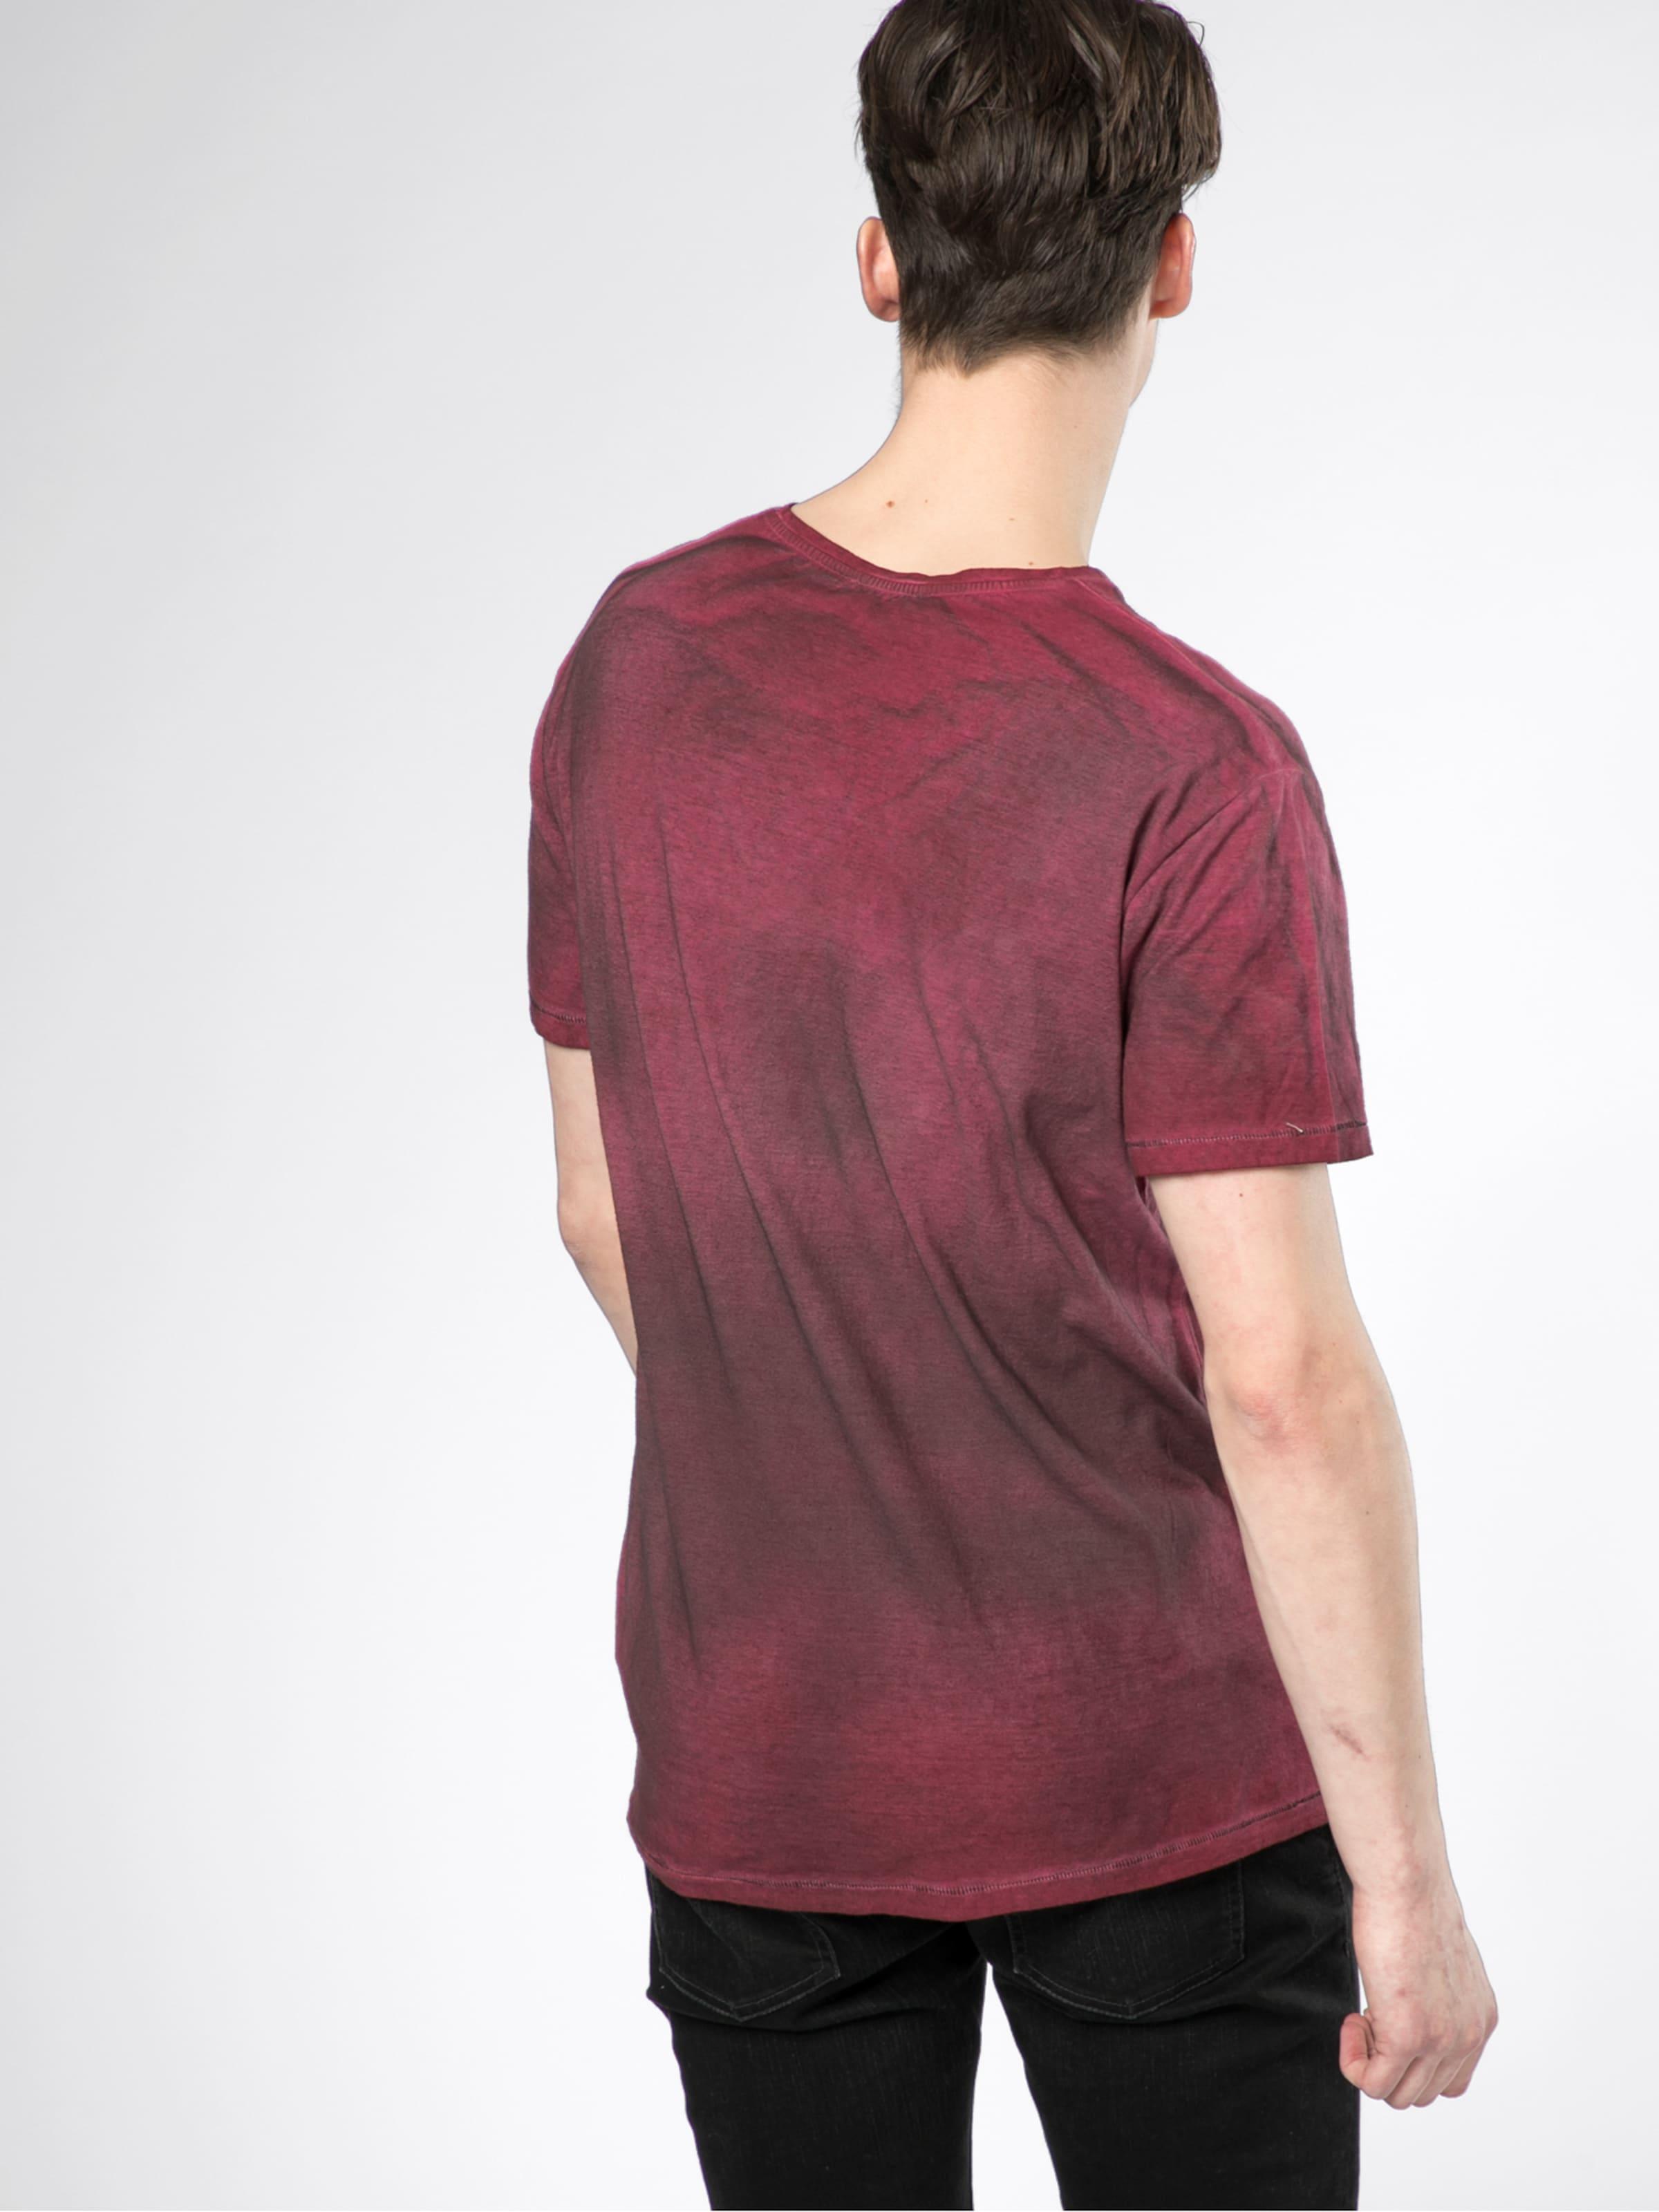 Preise Und Verfügbarkeit Günstiger Preis Bester Online-Verkauf LTB T-Shirt 'LOPOWA T/S' Top-Qualität Online NwuW5